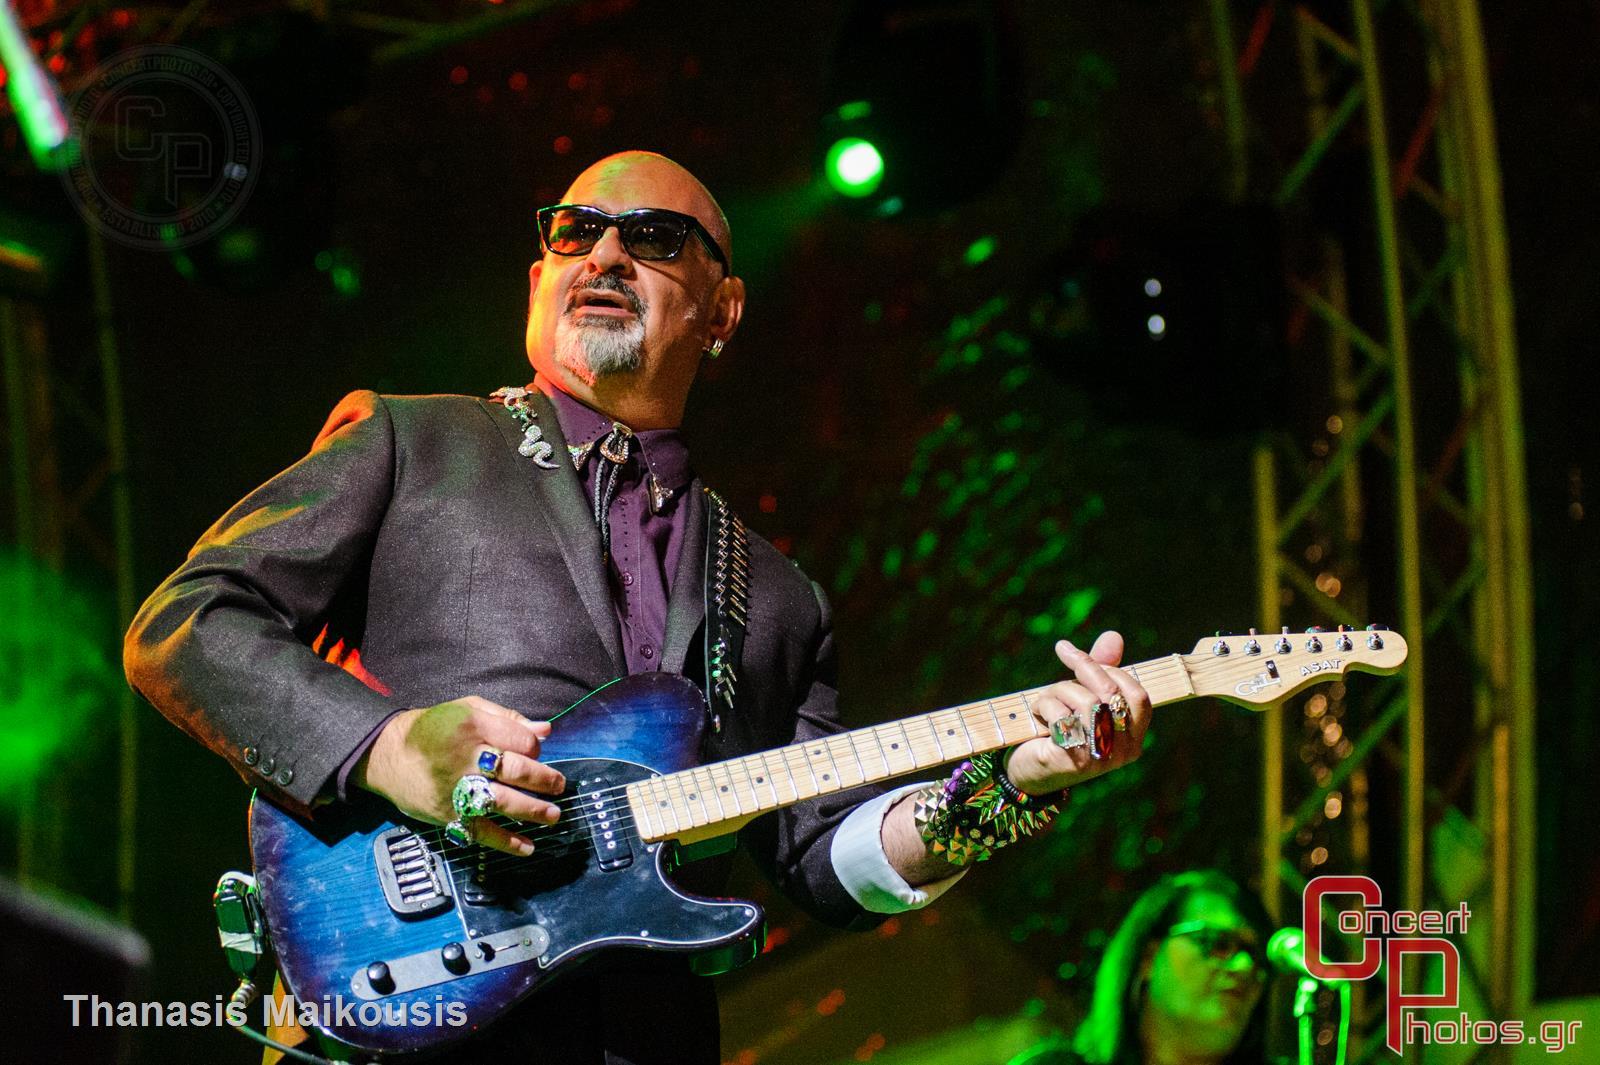 En Lefko 2014-En Lefko 2014 photographer: Thanasis Maikousis - concertphotos_20140621_23_06_21